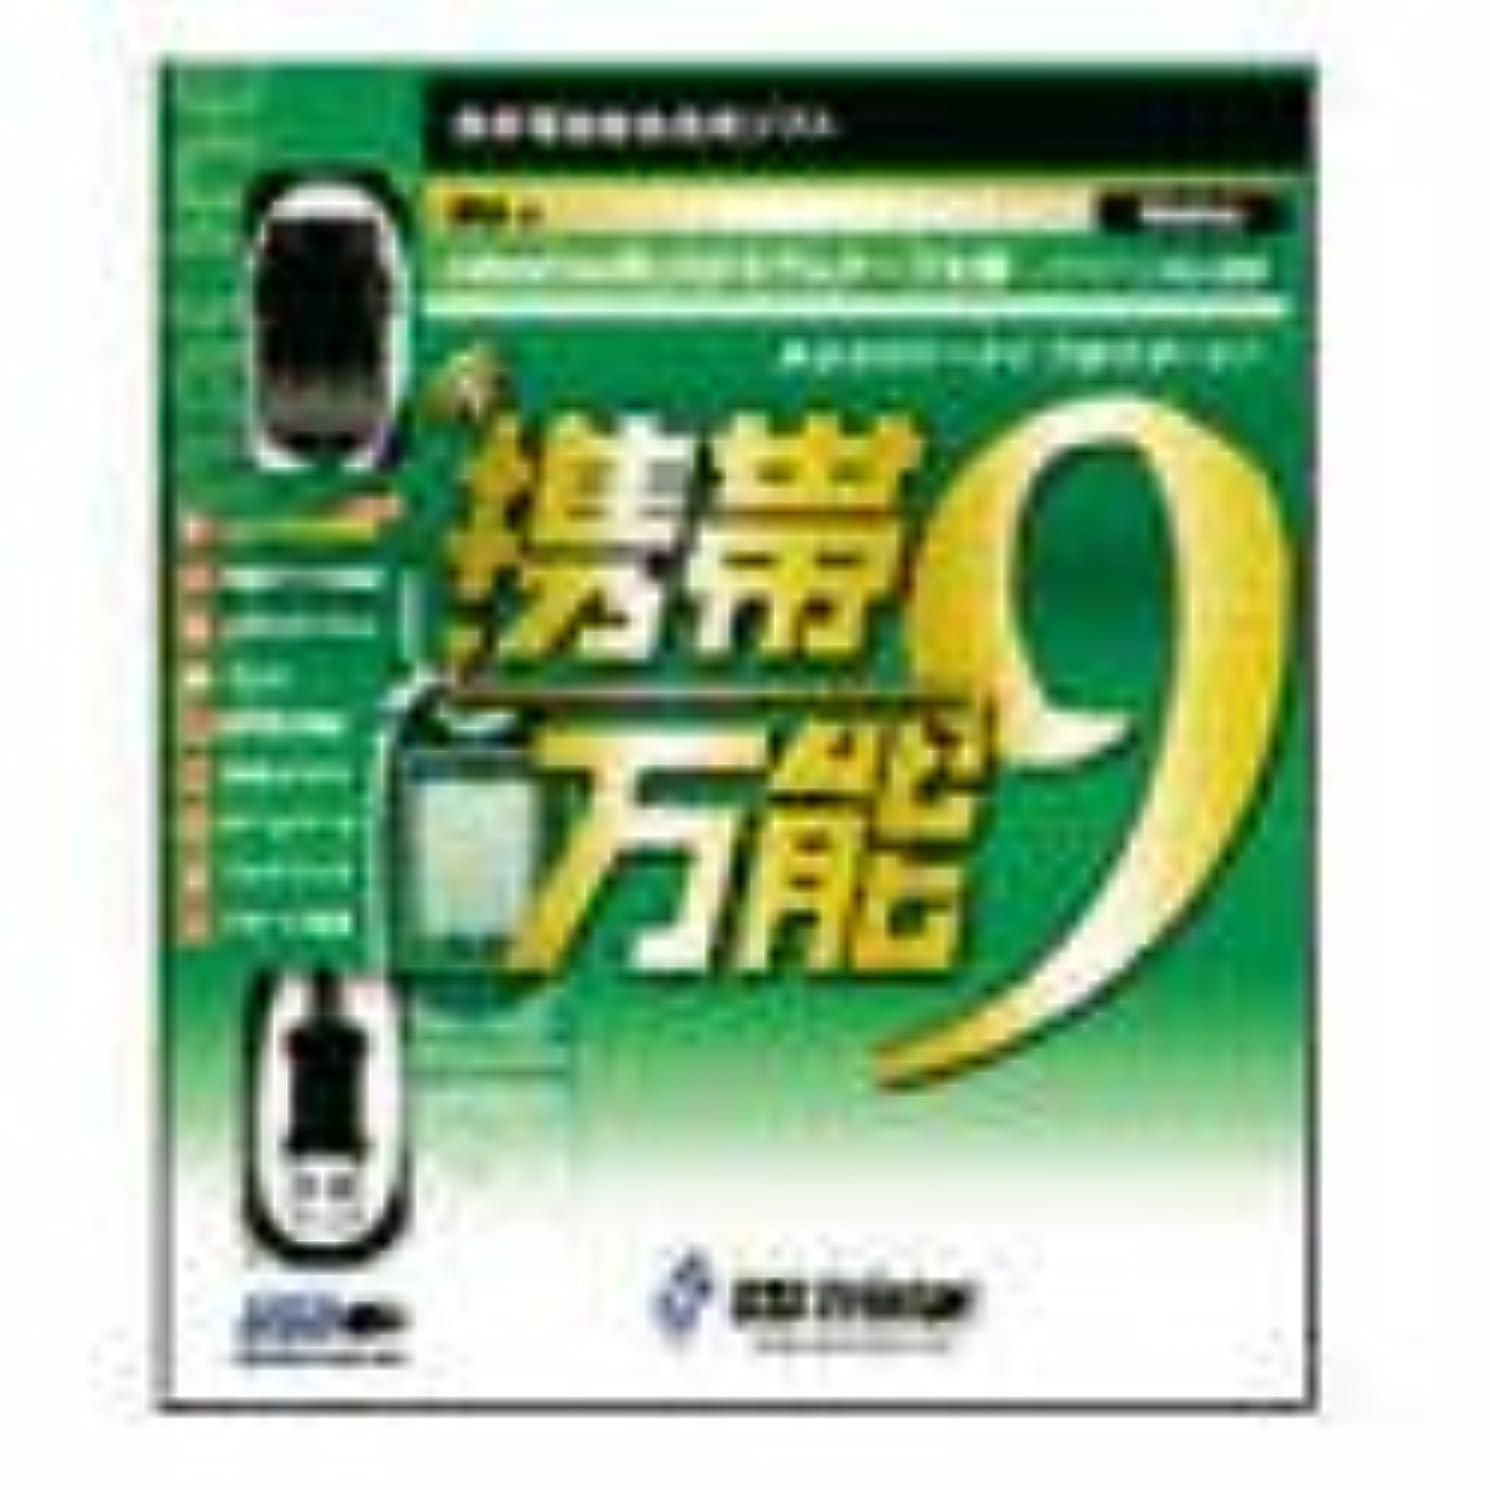 闘争しなければならない強調携帯万能 9 cdmaOne用USBモデムケーブル付き 特別キャンペーン